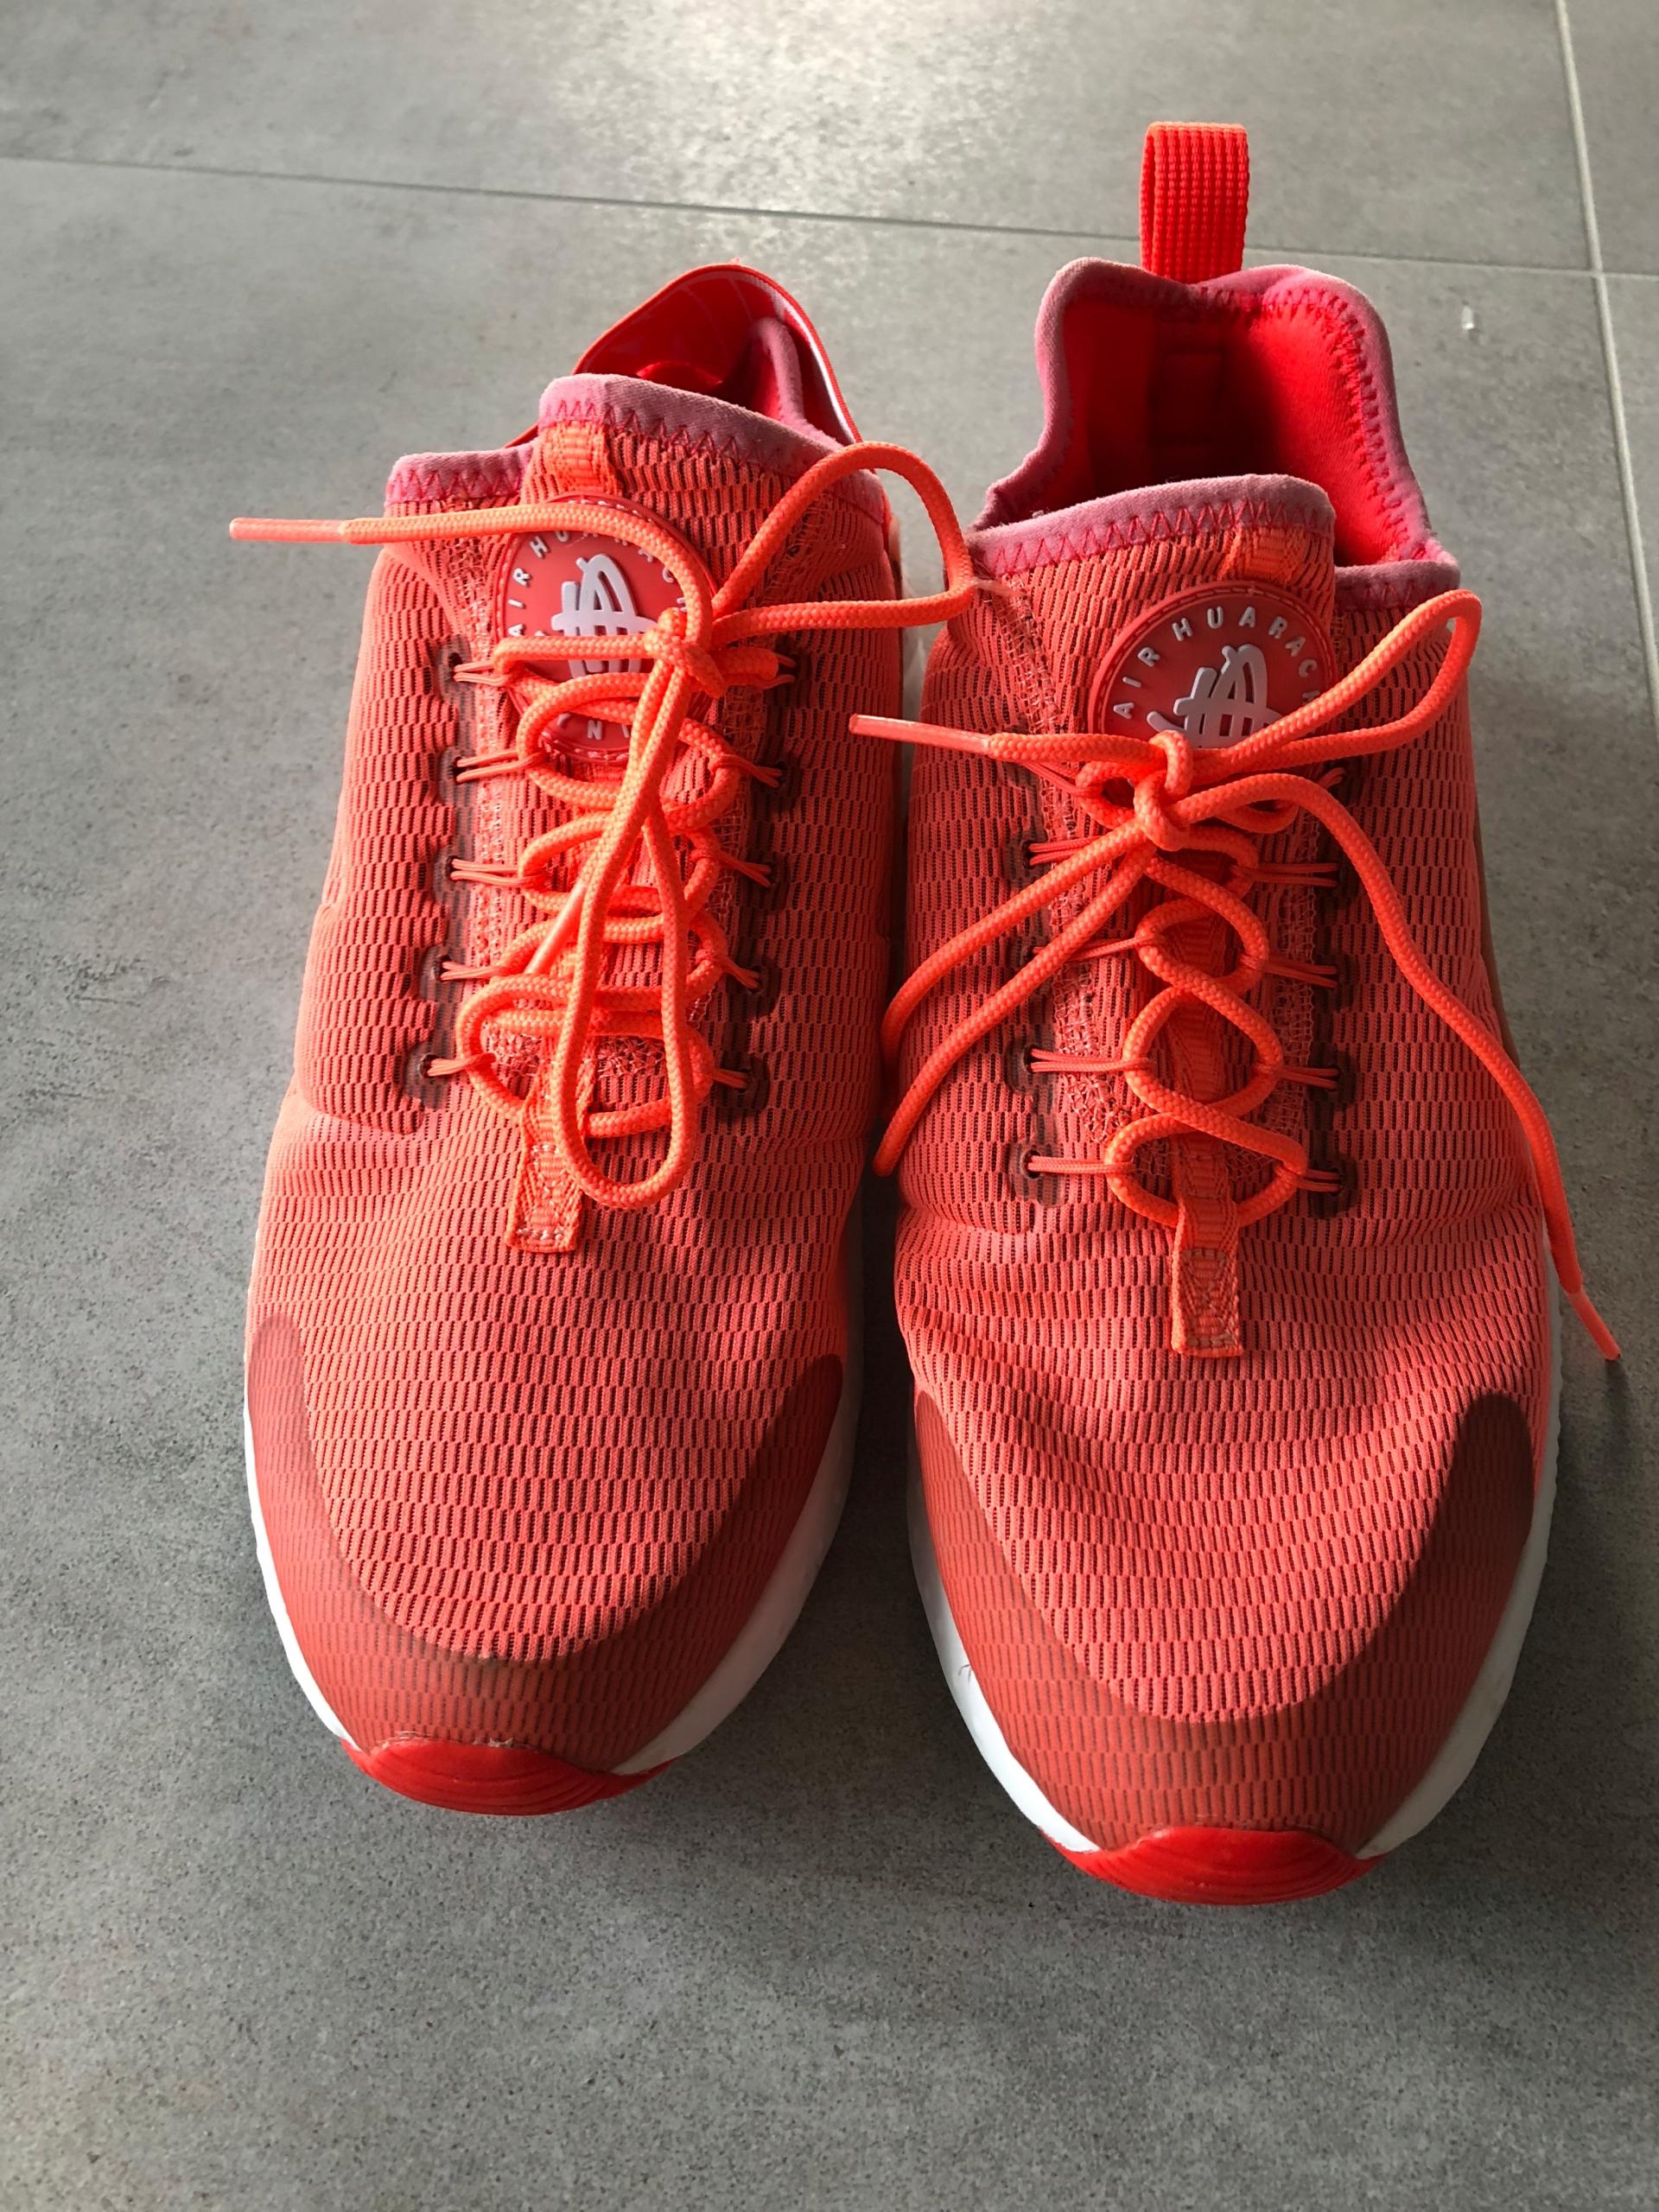 Stany Zjednoczone wysoka jakość na stopach zdjęcia Neonowe Nike Huarache 40 - 7629315822 - oficjalne archiwum ...